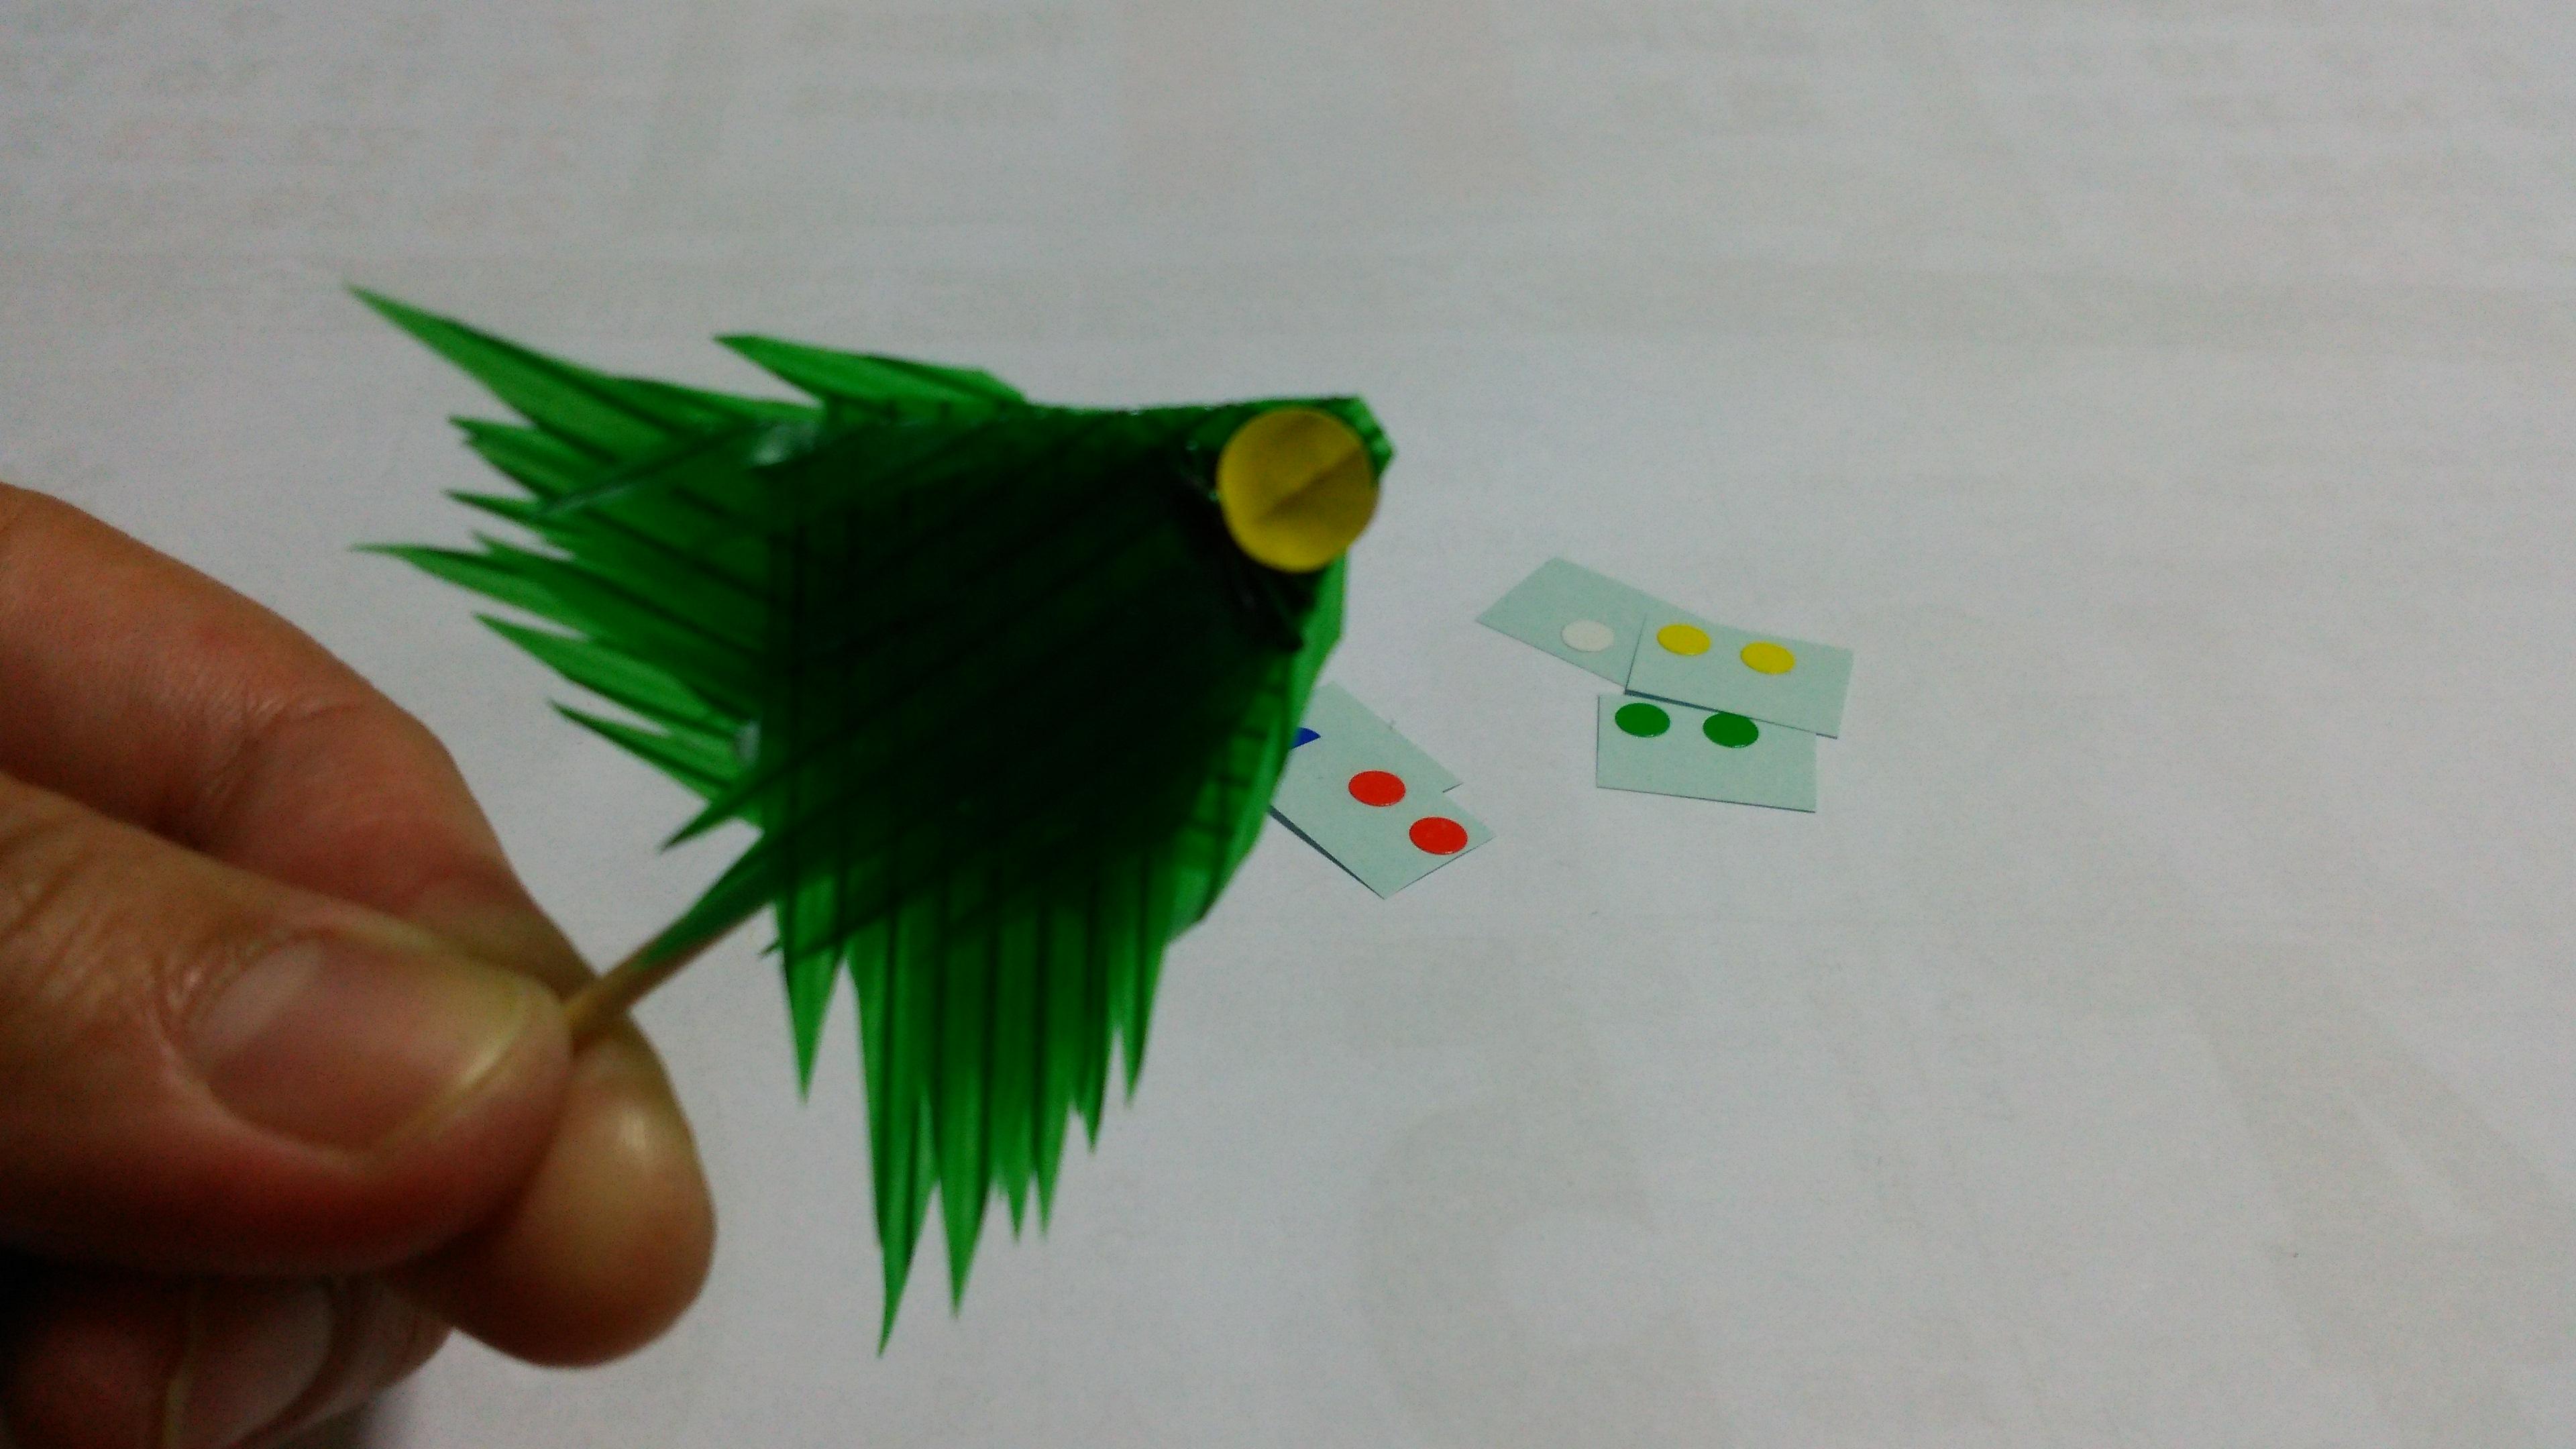 バランでクリスマスツリーホチキスの針を隠すように大き目のシールを貼る